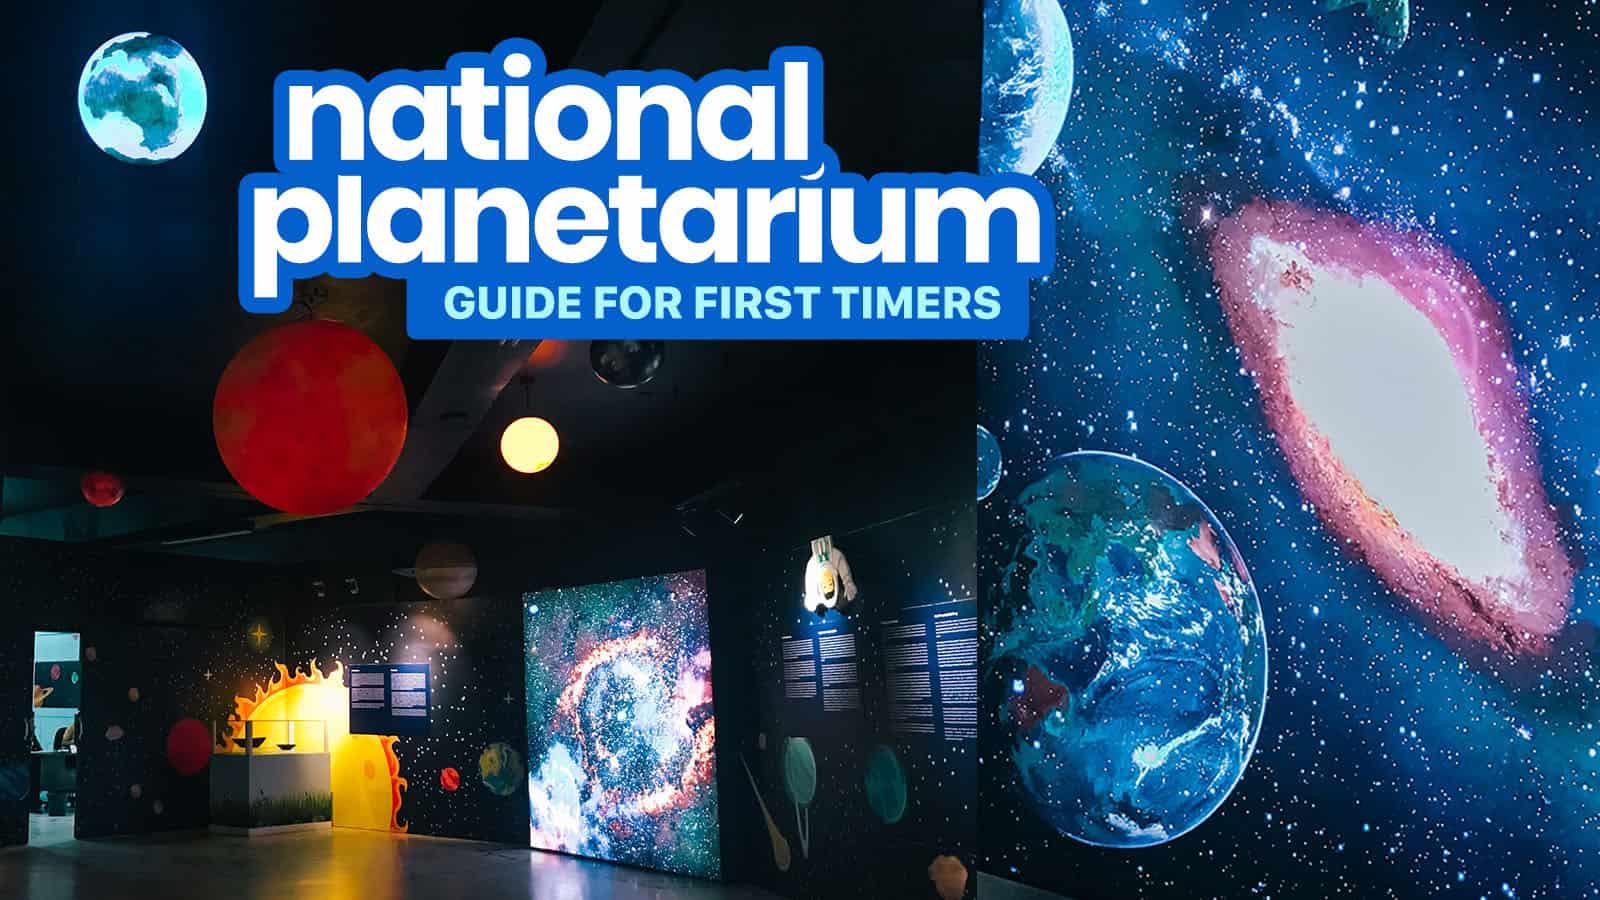 马尼拉国家博物馆:门票、时间表和其他提示   穷游者的行程博客